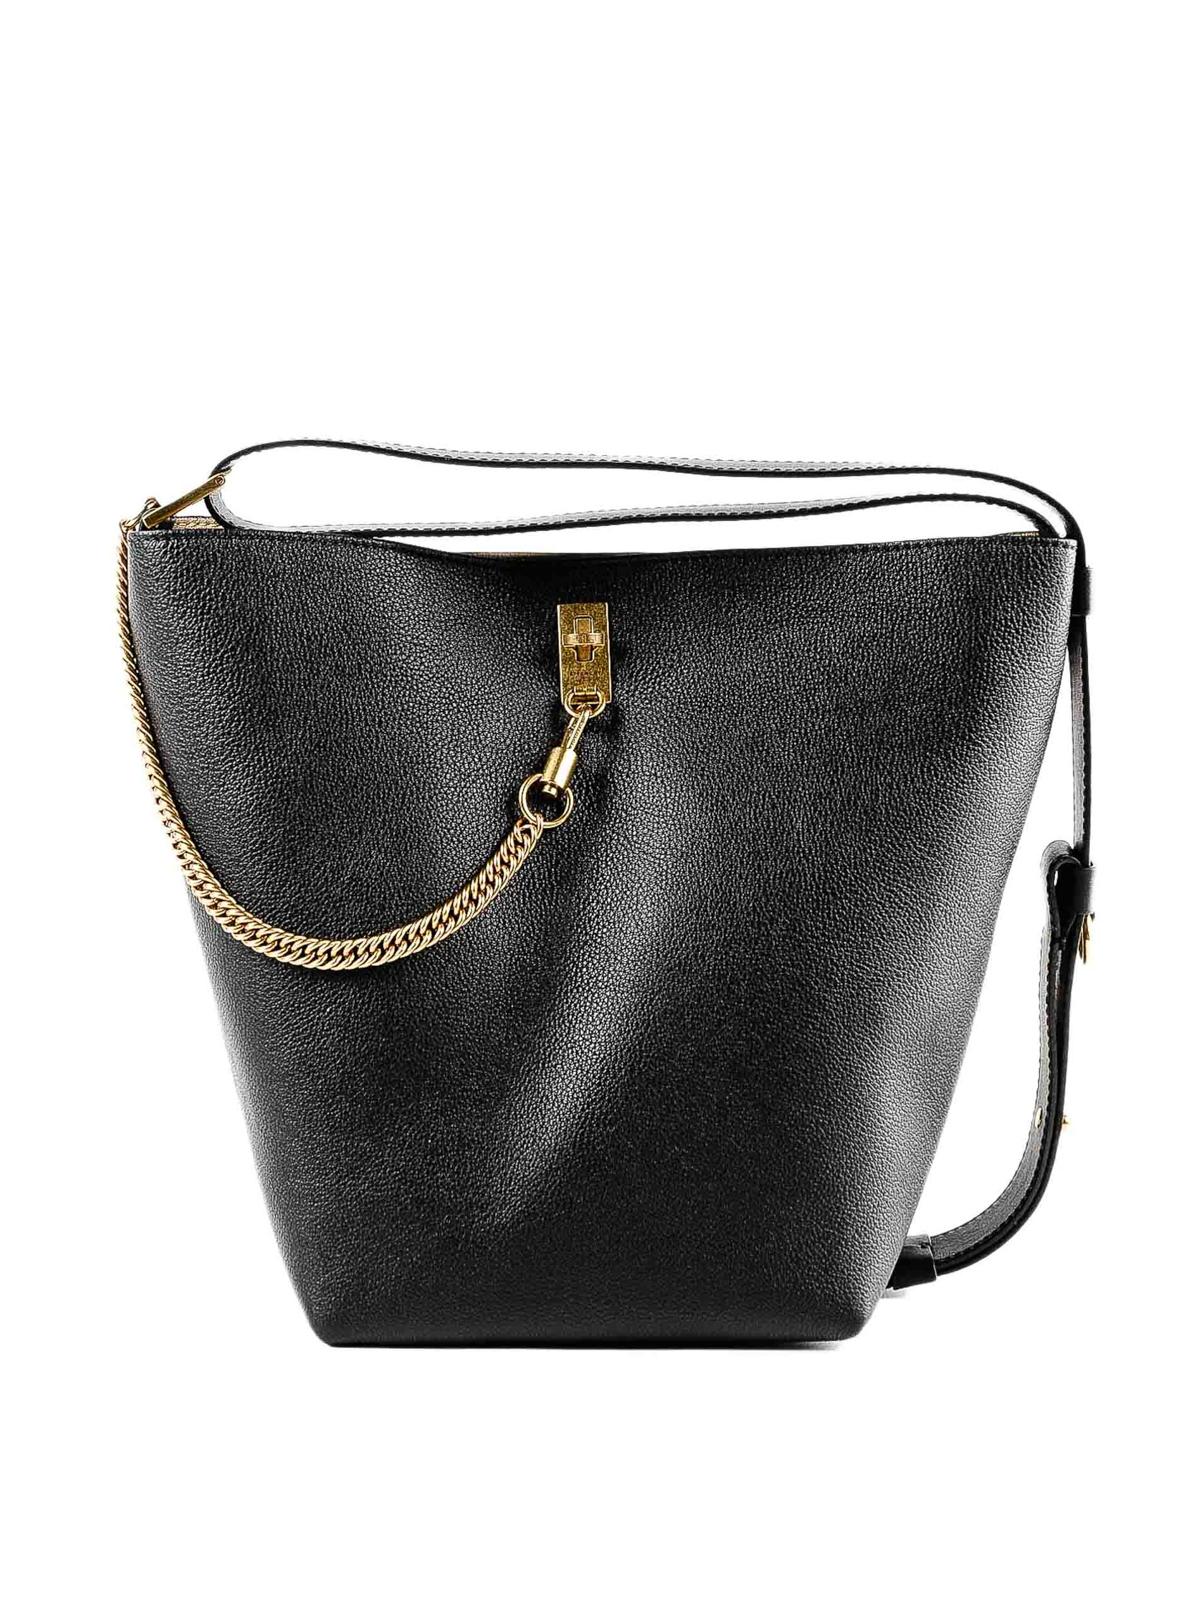 d642d5d4b5 Givenchy - GV3 grainy leather medium bucket bag - Bucket bags ...